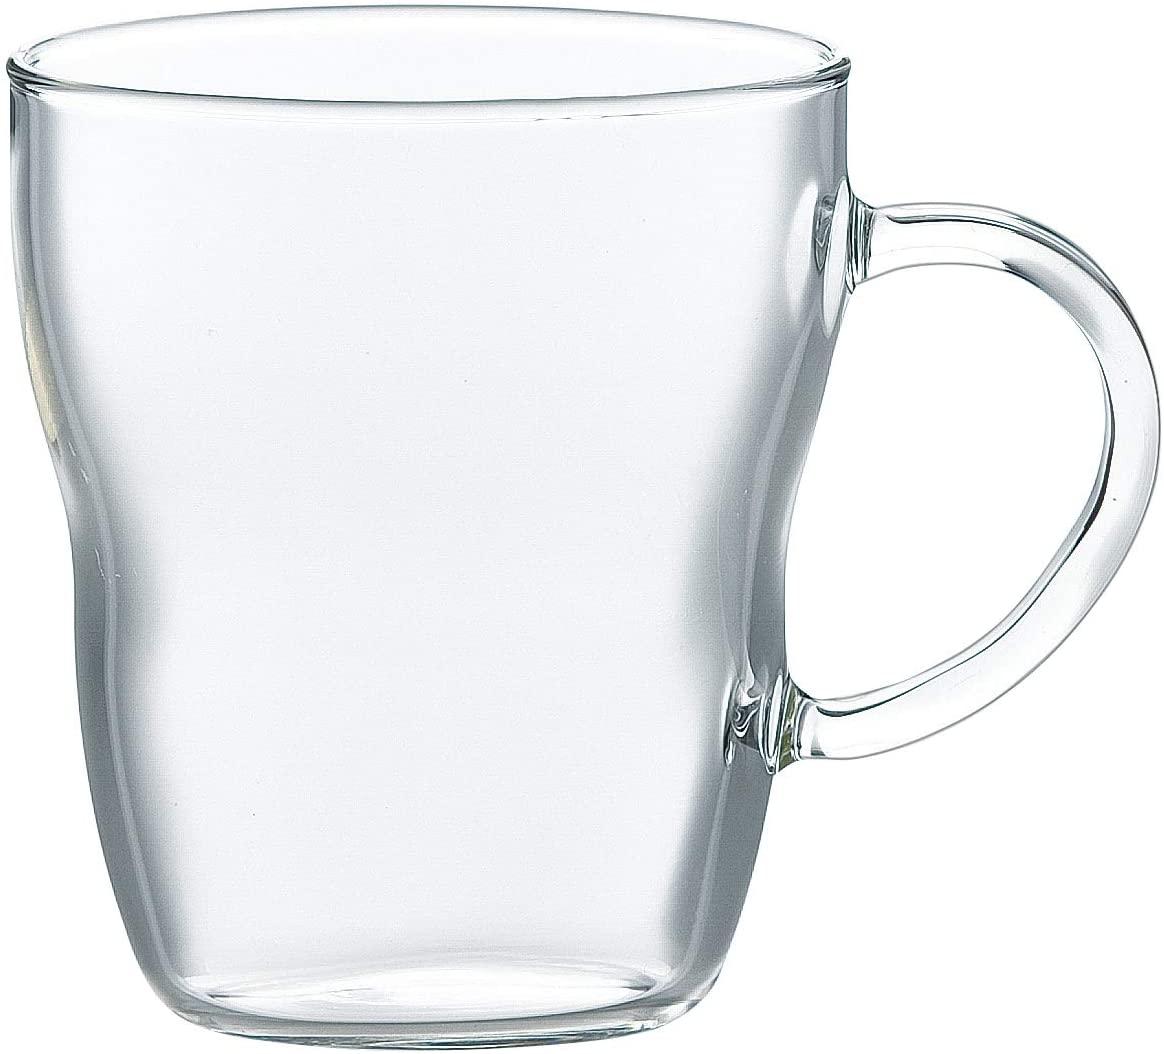 東洋佐々木ガラス 耐熱マグカップの商品画像